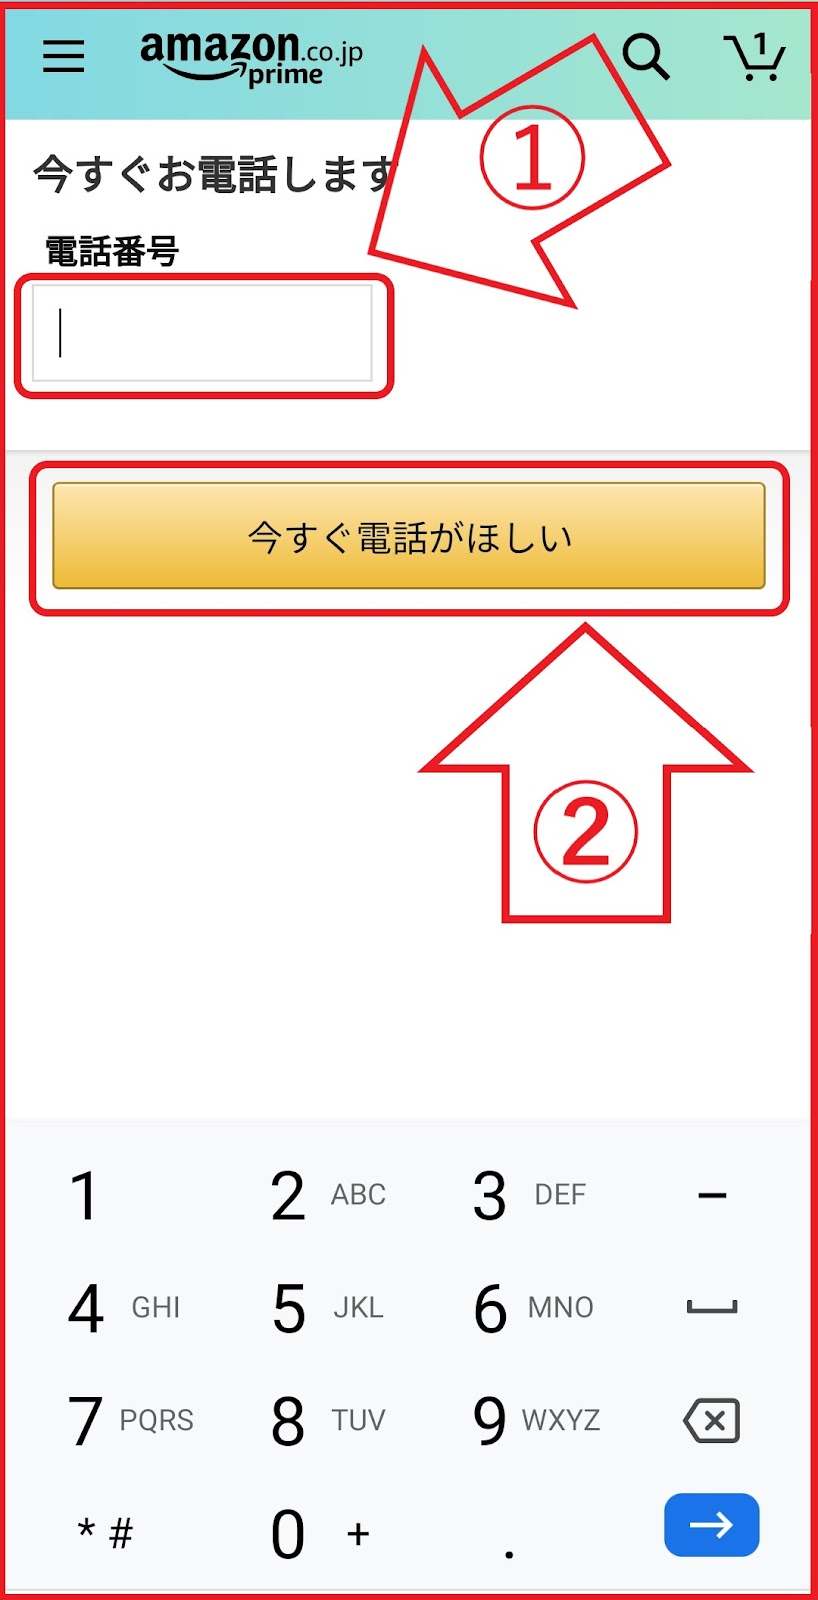 カスタマー・サービスに問い合わせる方法、電話で連絡する(スマホの場合)、手順8